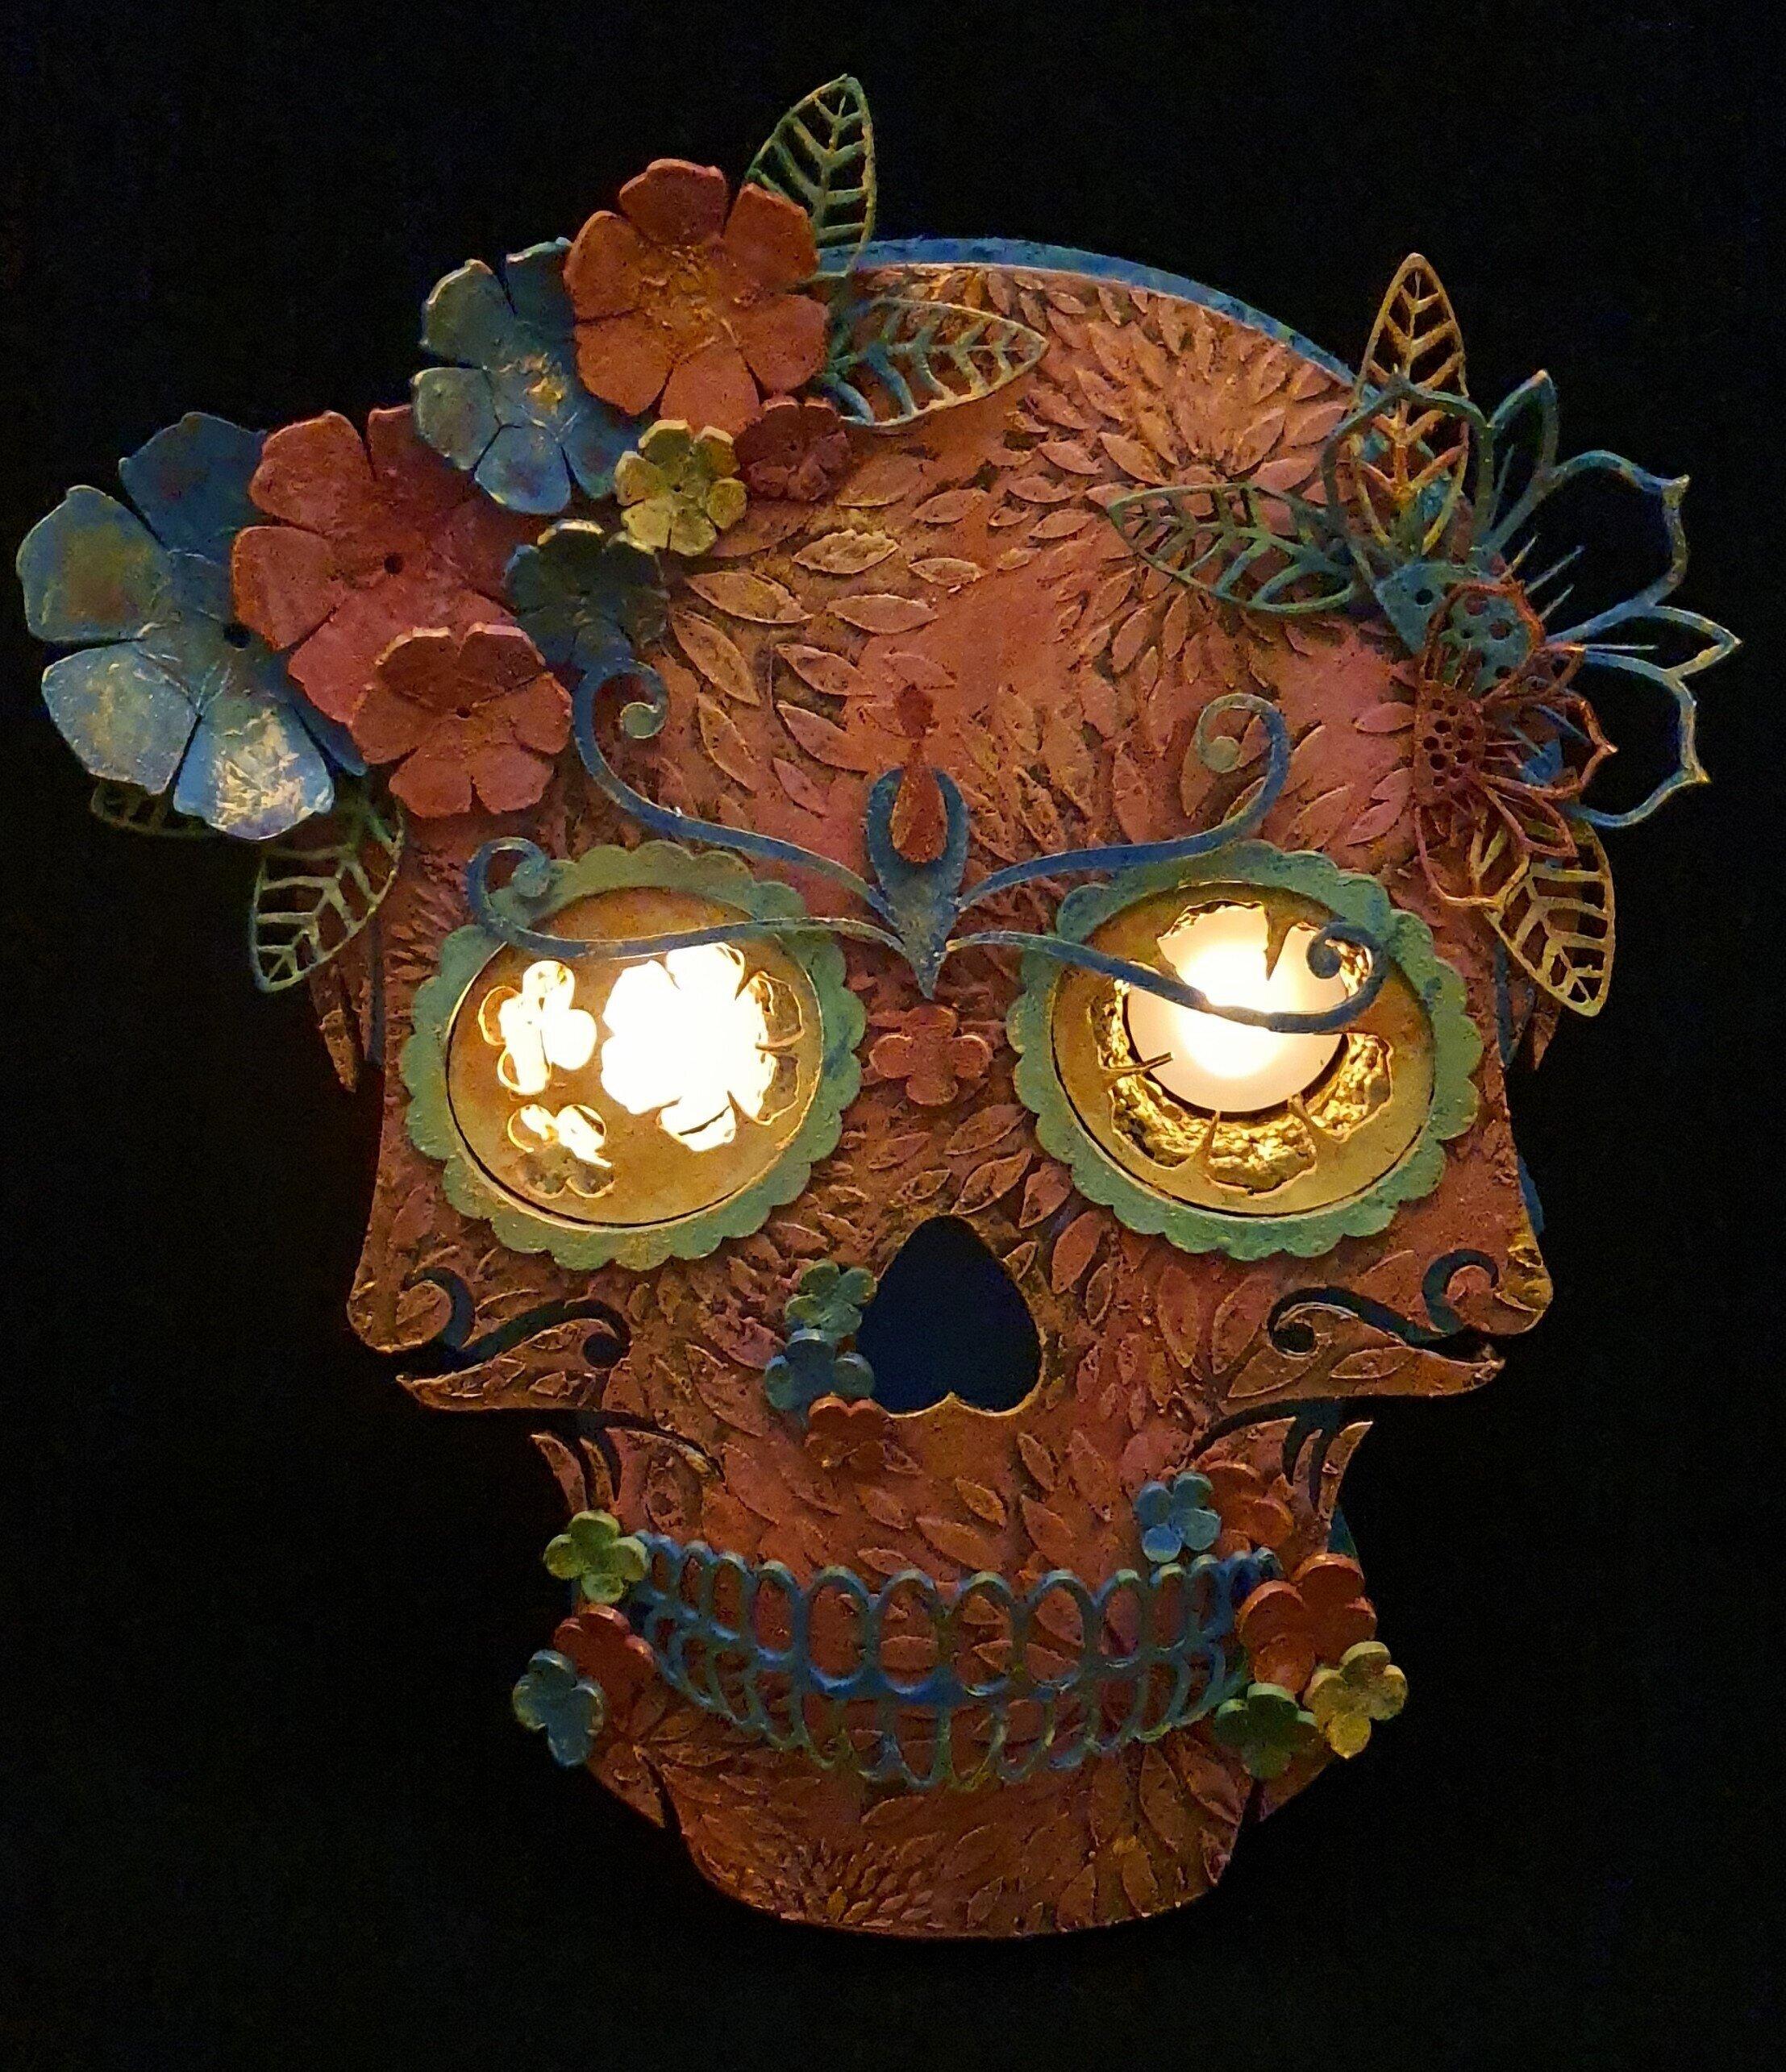 Skull-+illuminated+eye+sockets.jpg